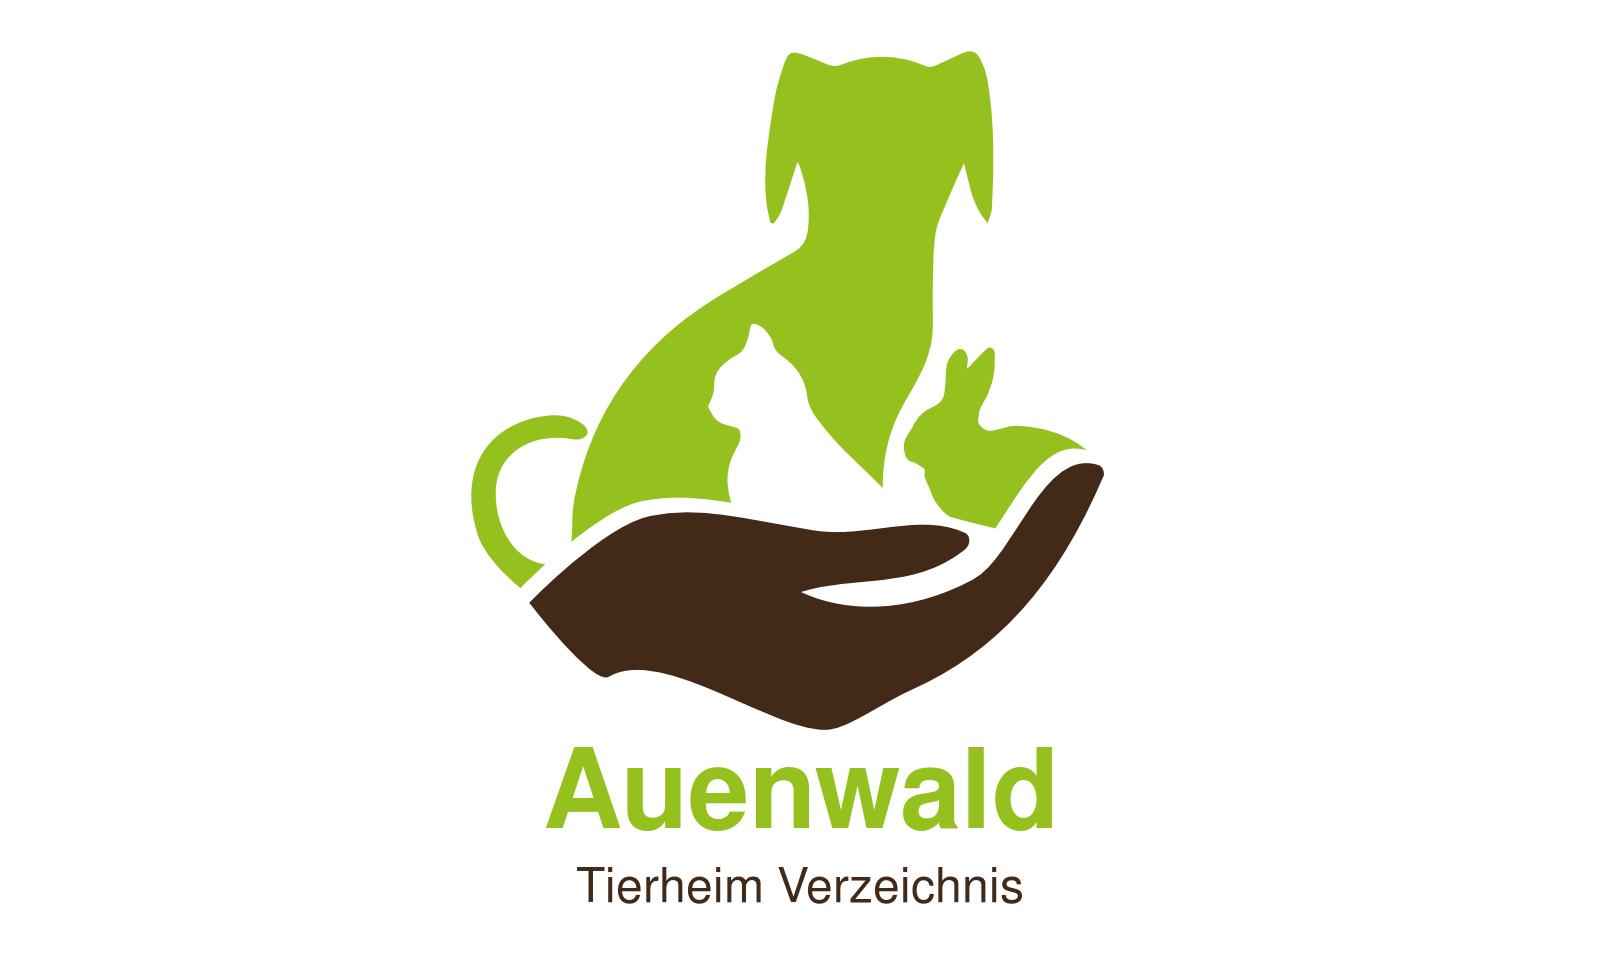 Tierheim Auenwald